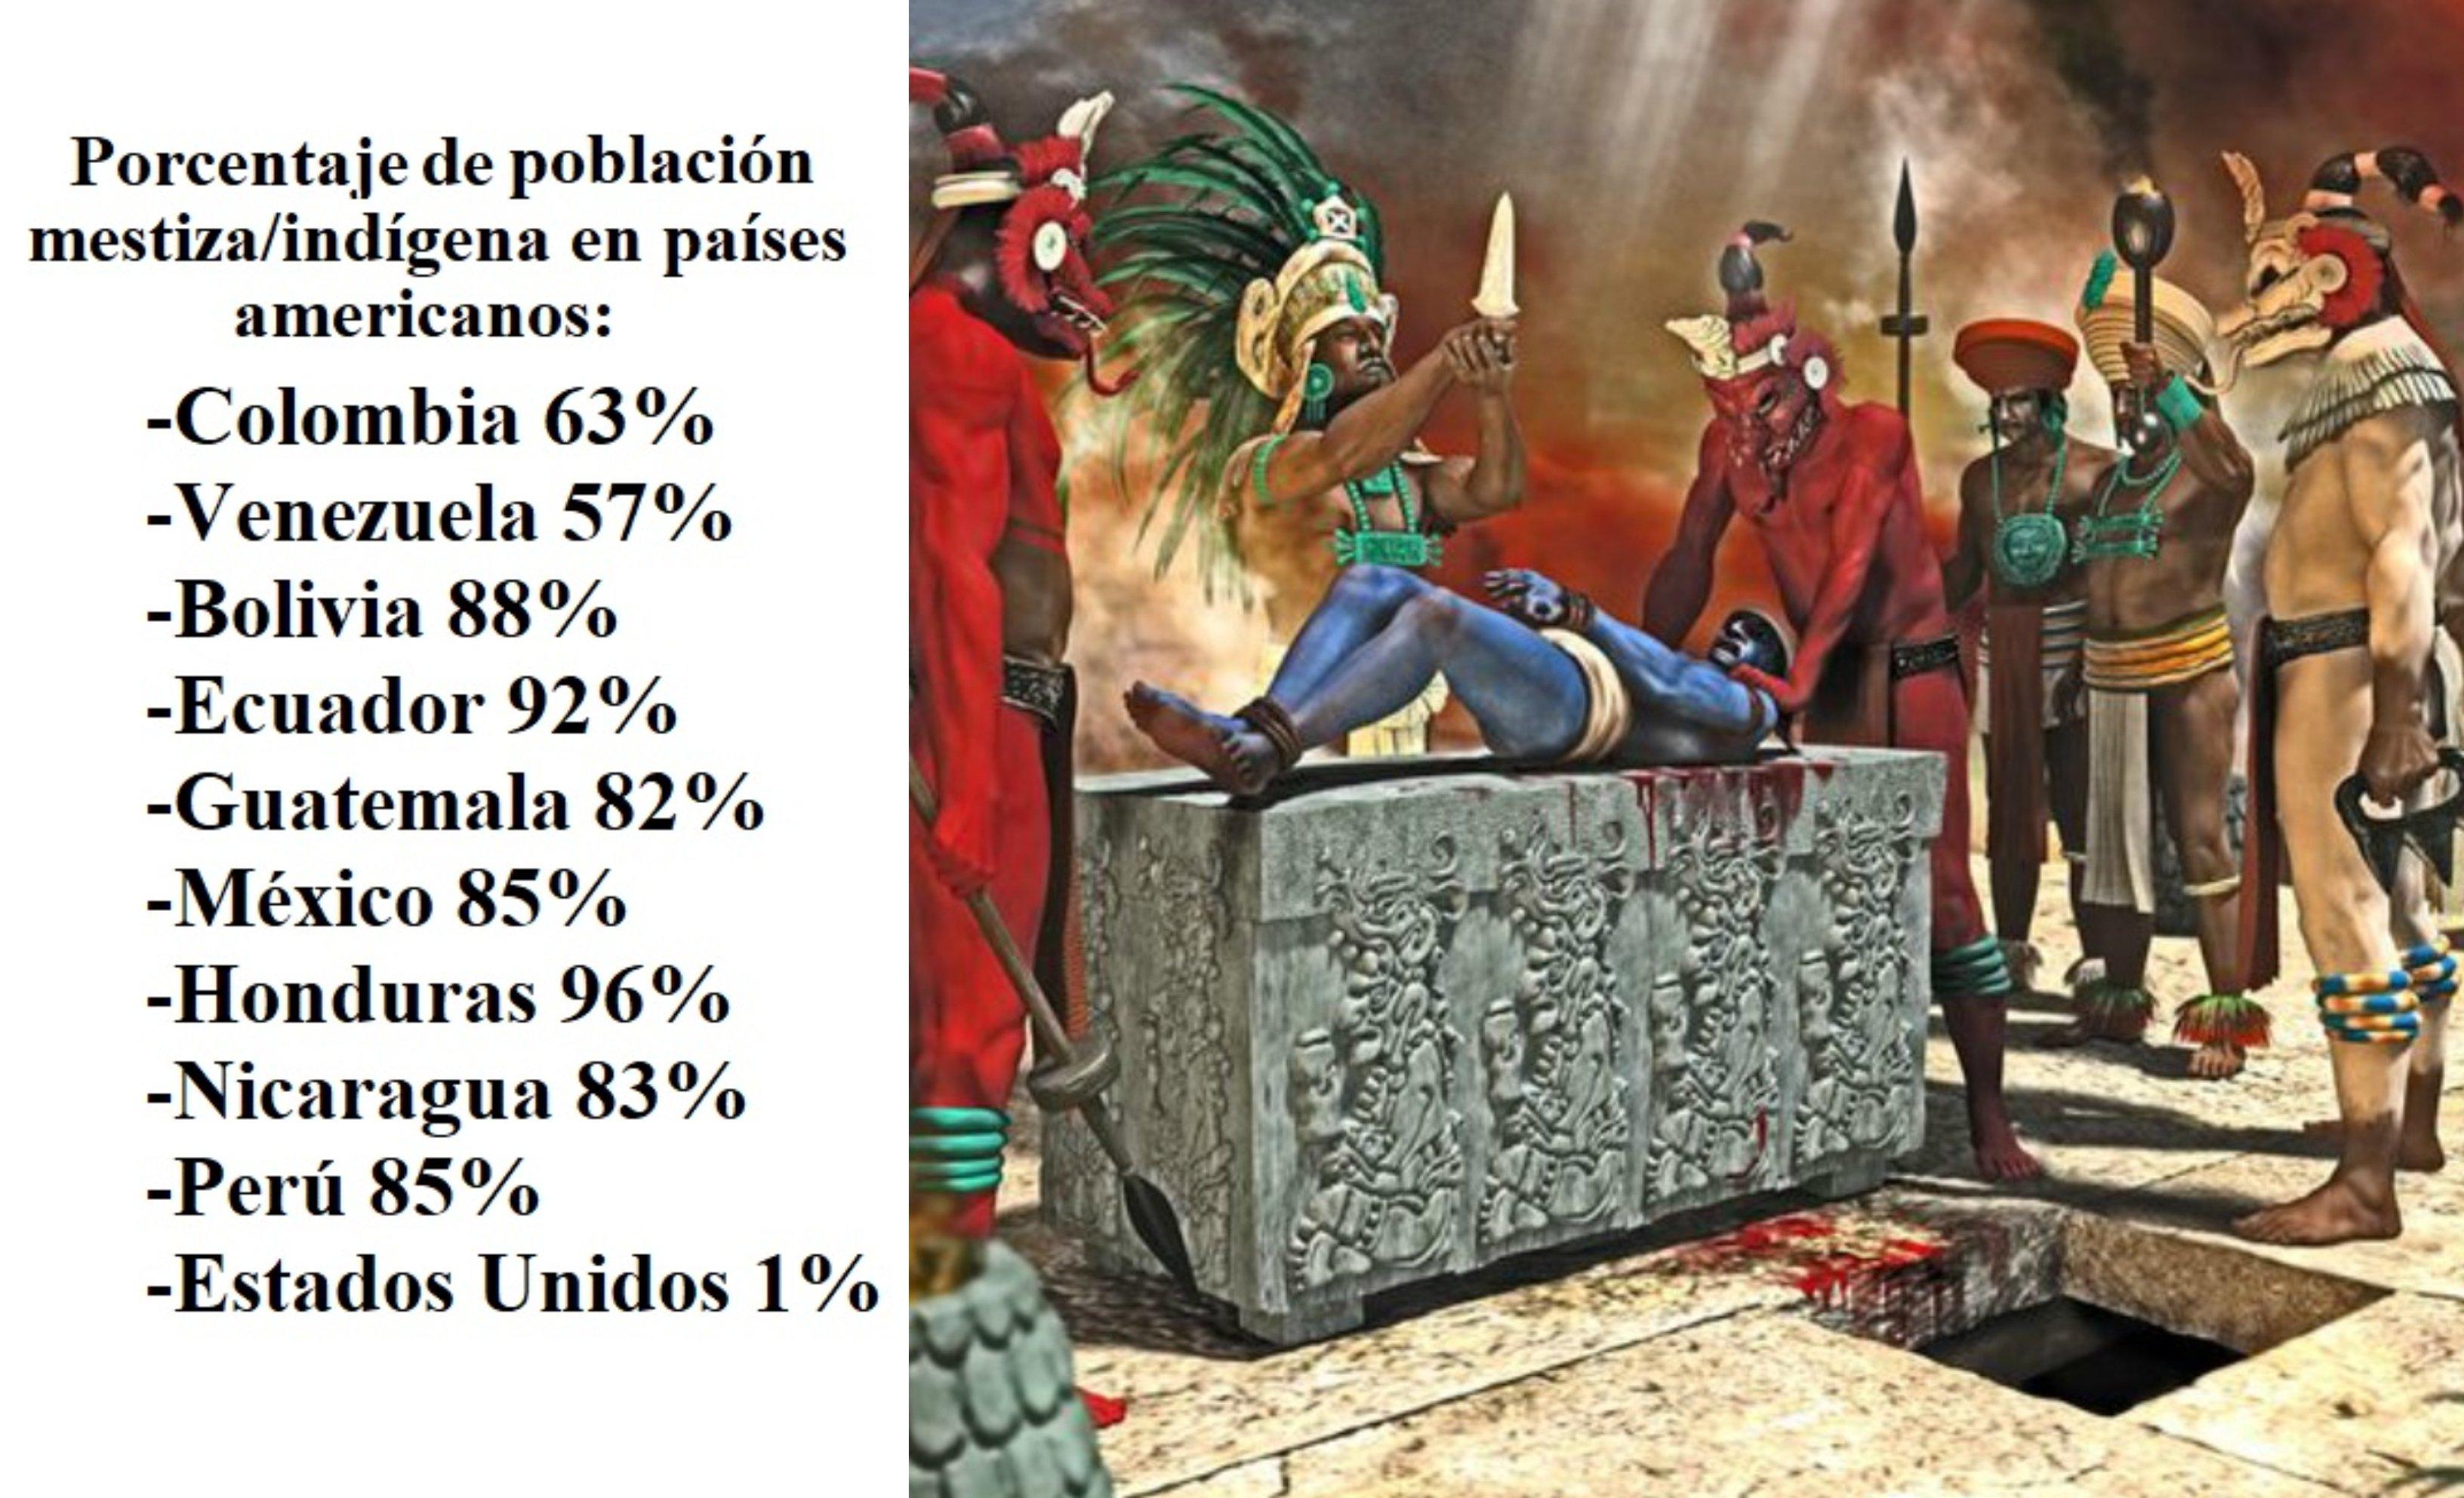 Porcentaje de población mestiza/indígena. México. No existe la raza anglo-india pero sí existe la raza hispana